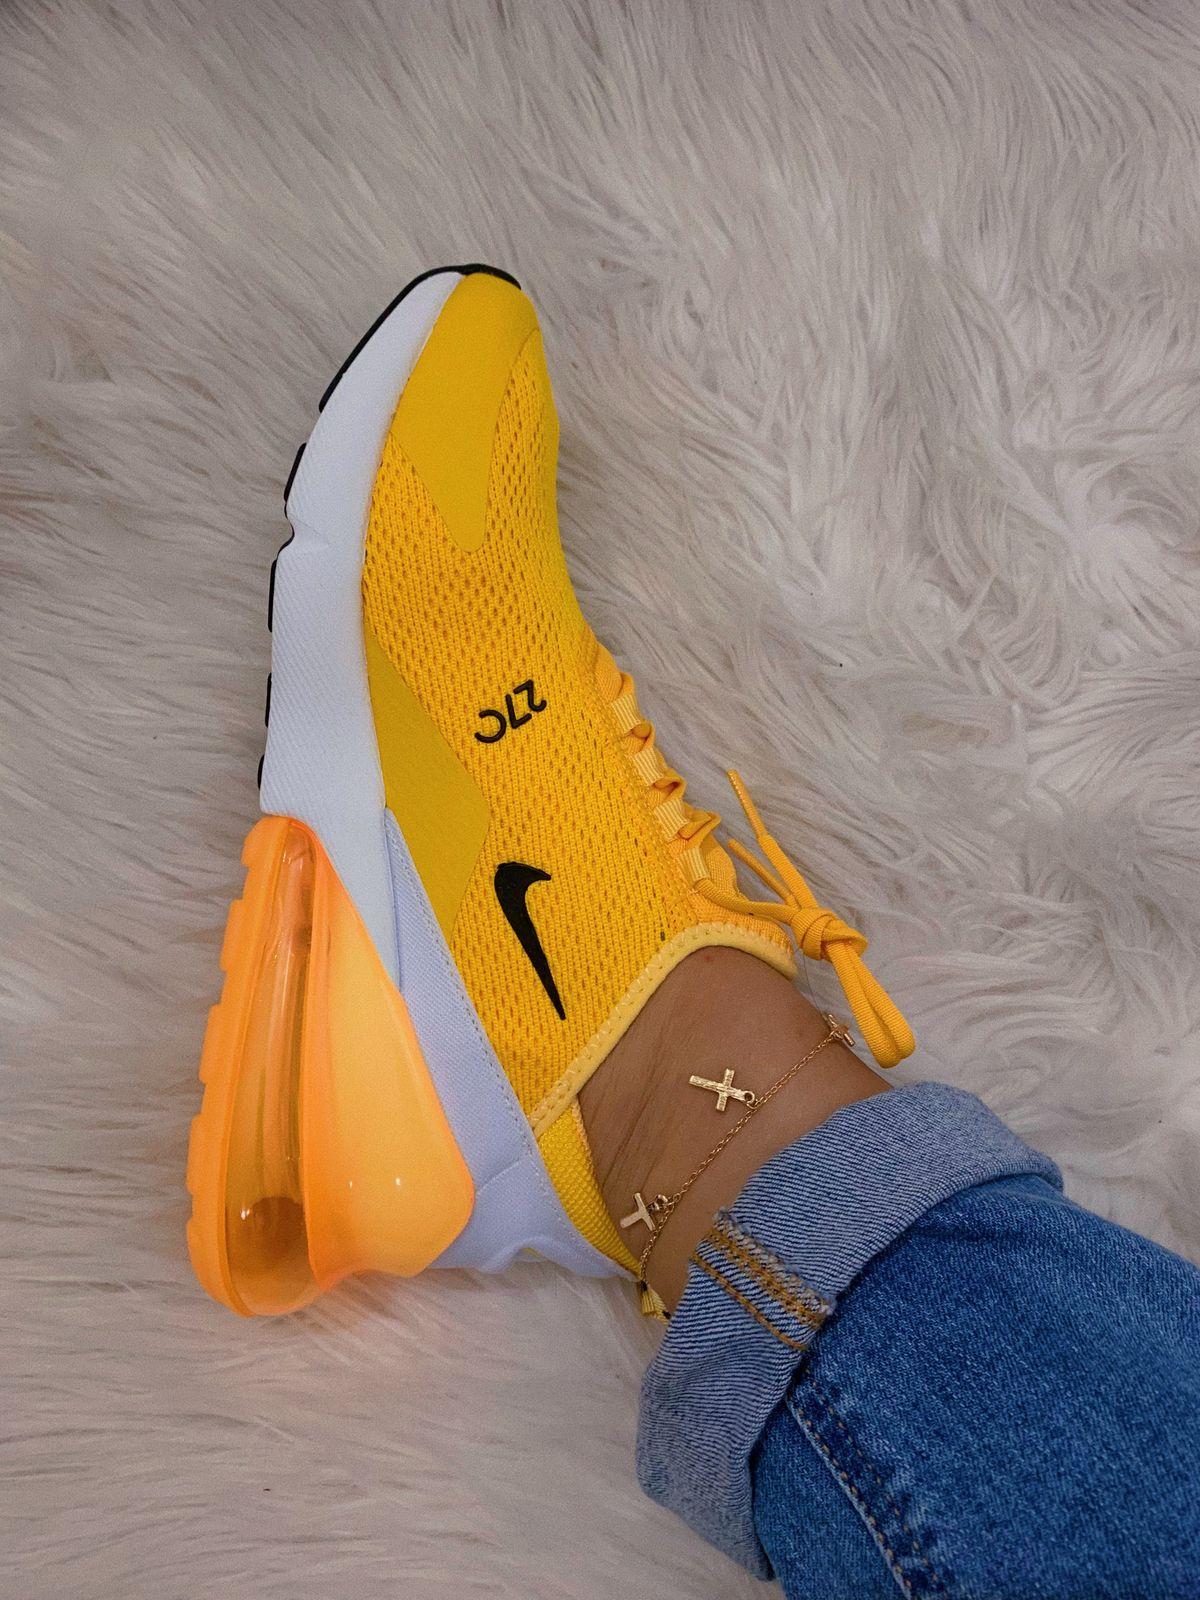 #kicks #sneakers #nike #nike270